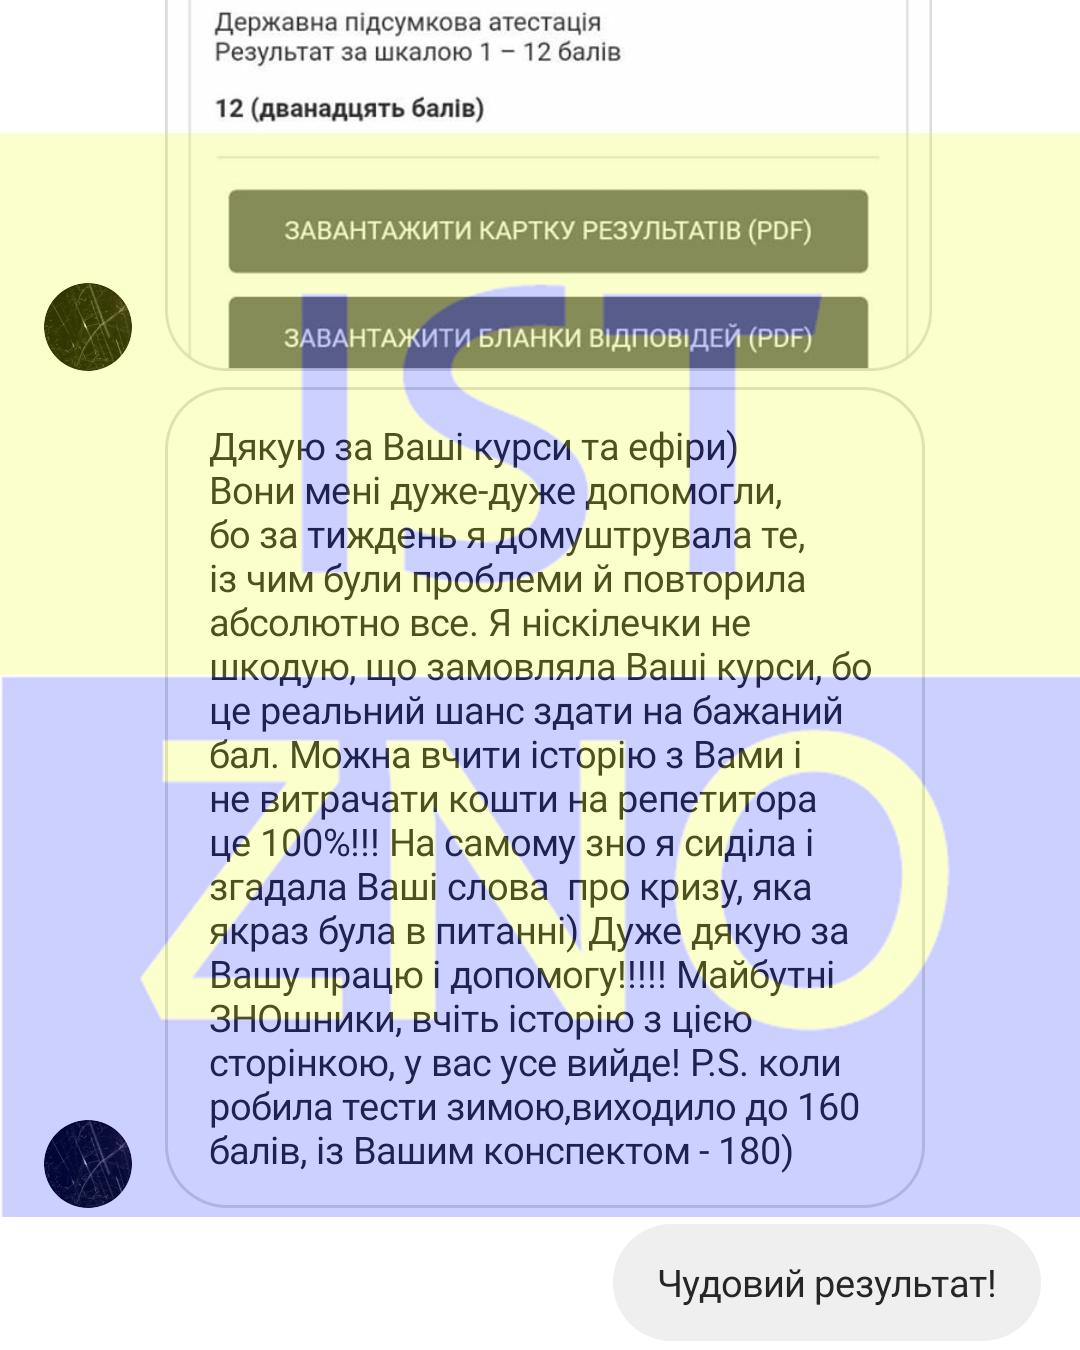 Screenshot_2019-06-22-01-06-36-397_com.instagram.android